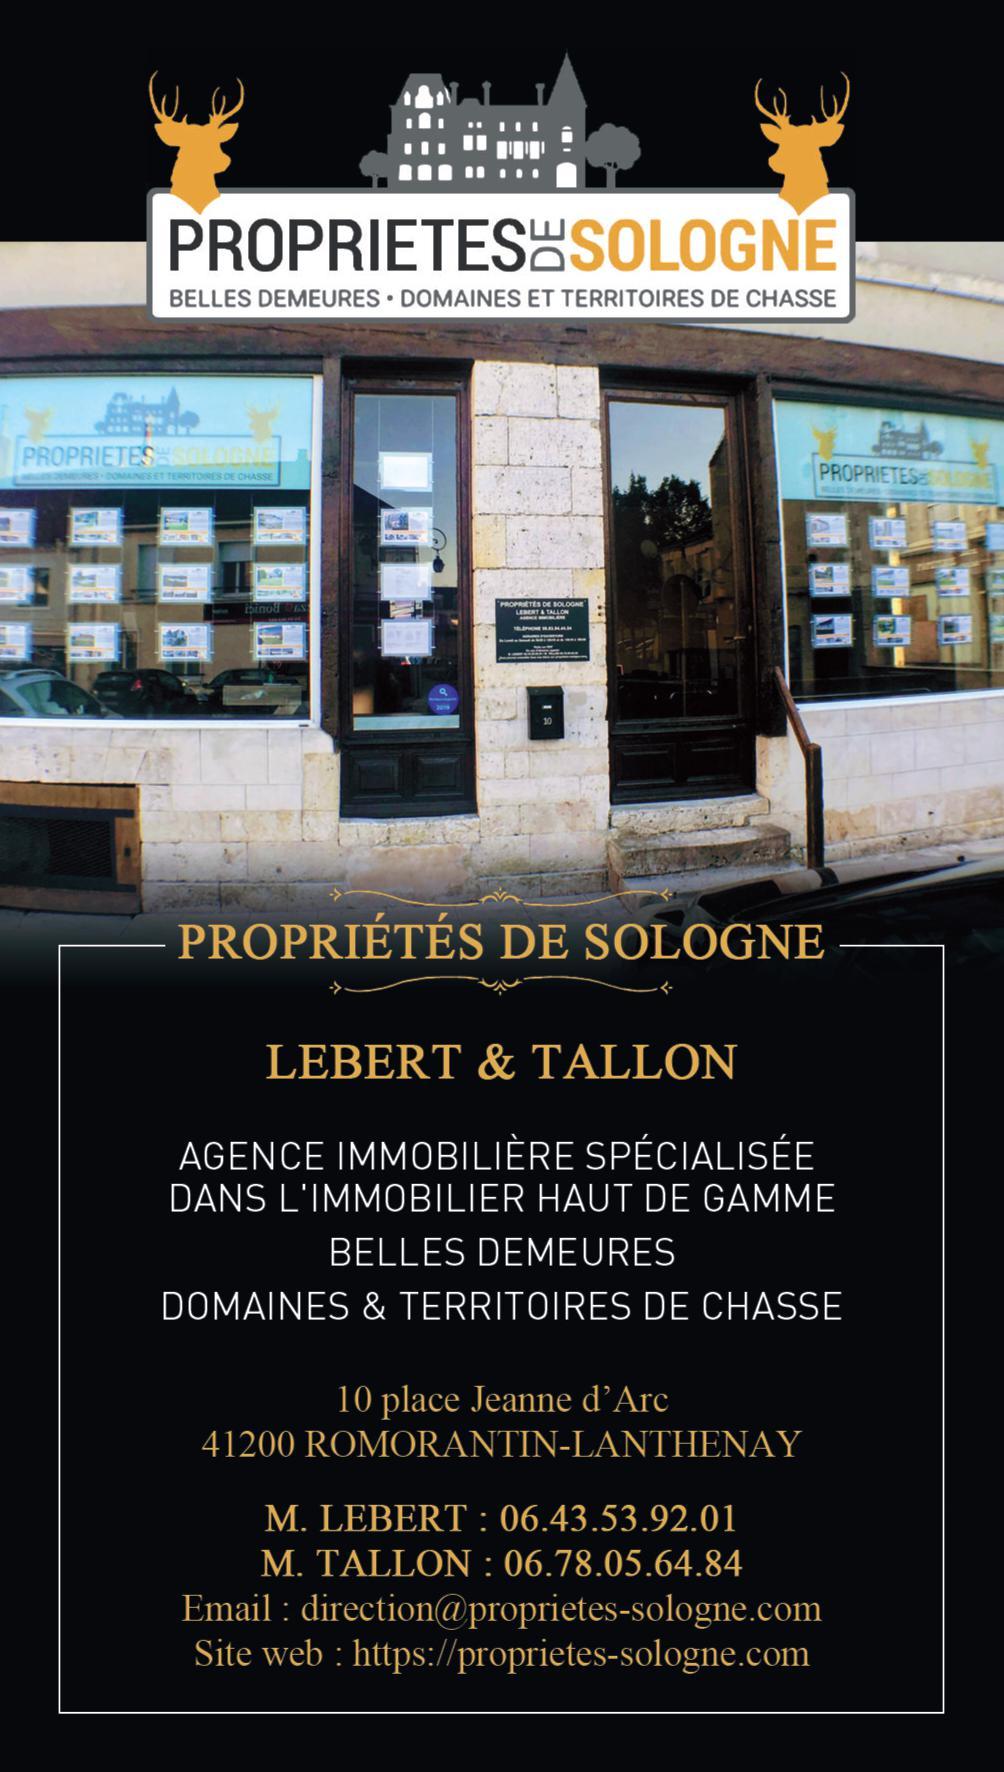 Agence immobilière à ROMORANTIN-LANTHENAY - propriété de sologne